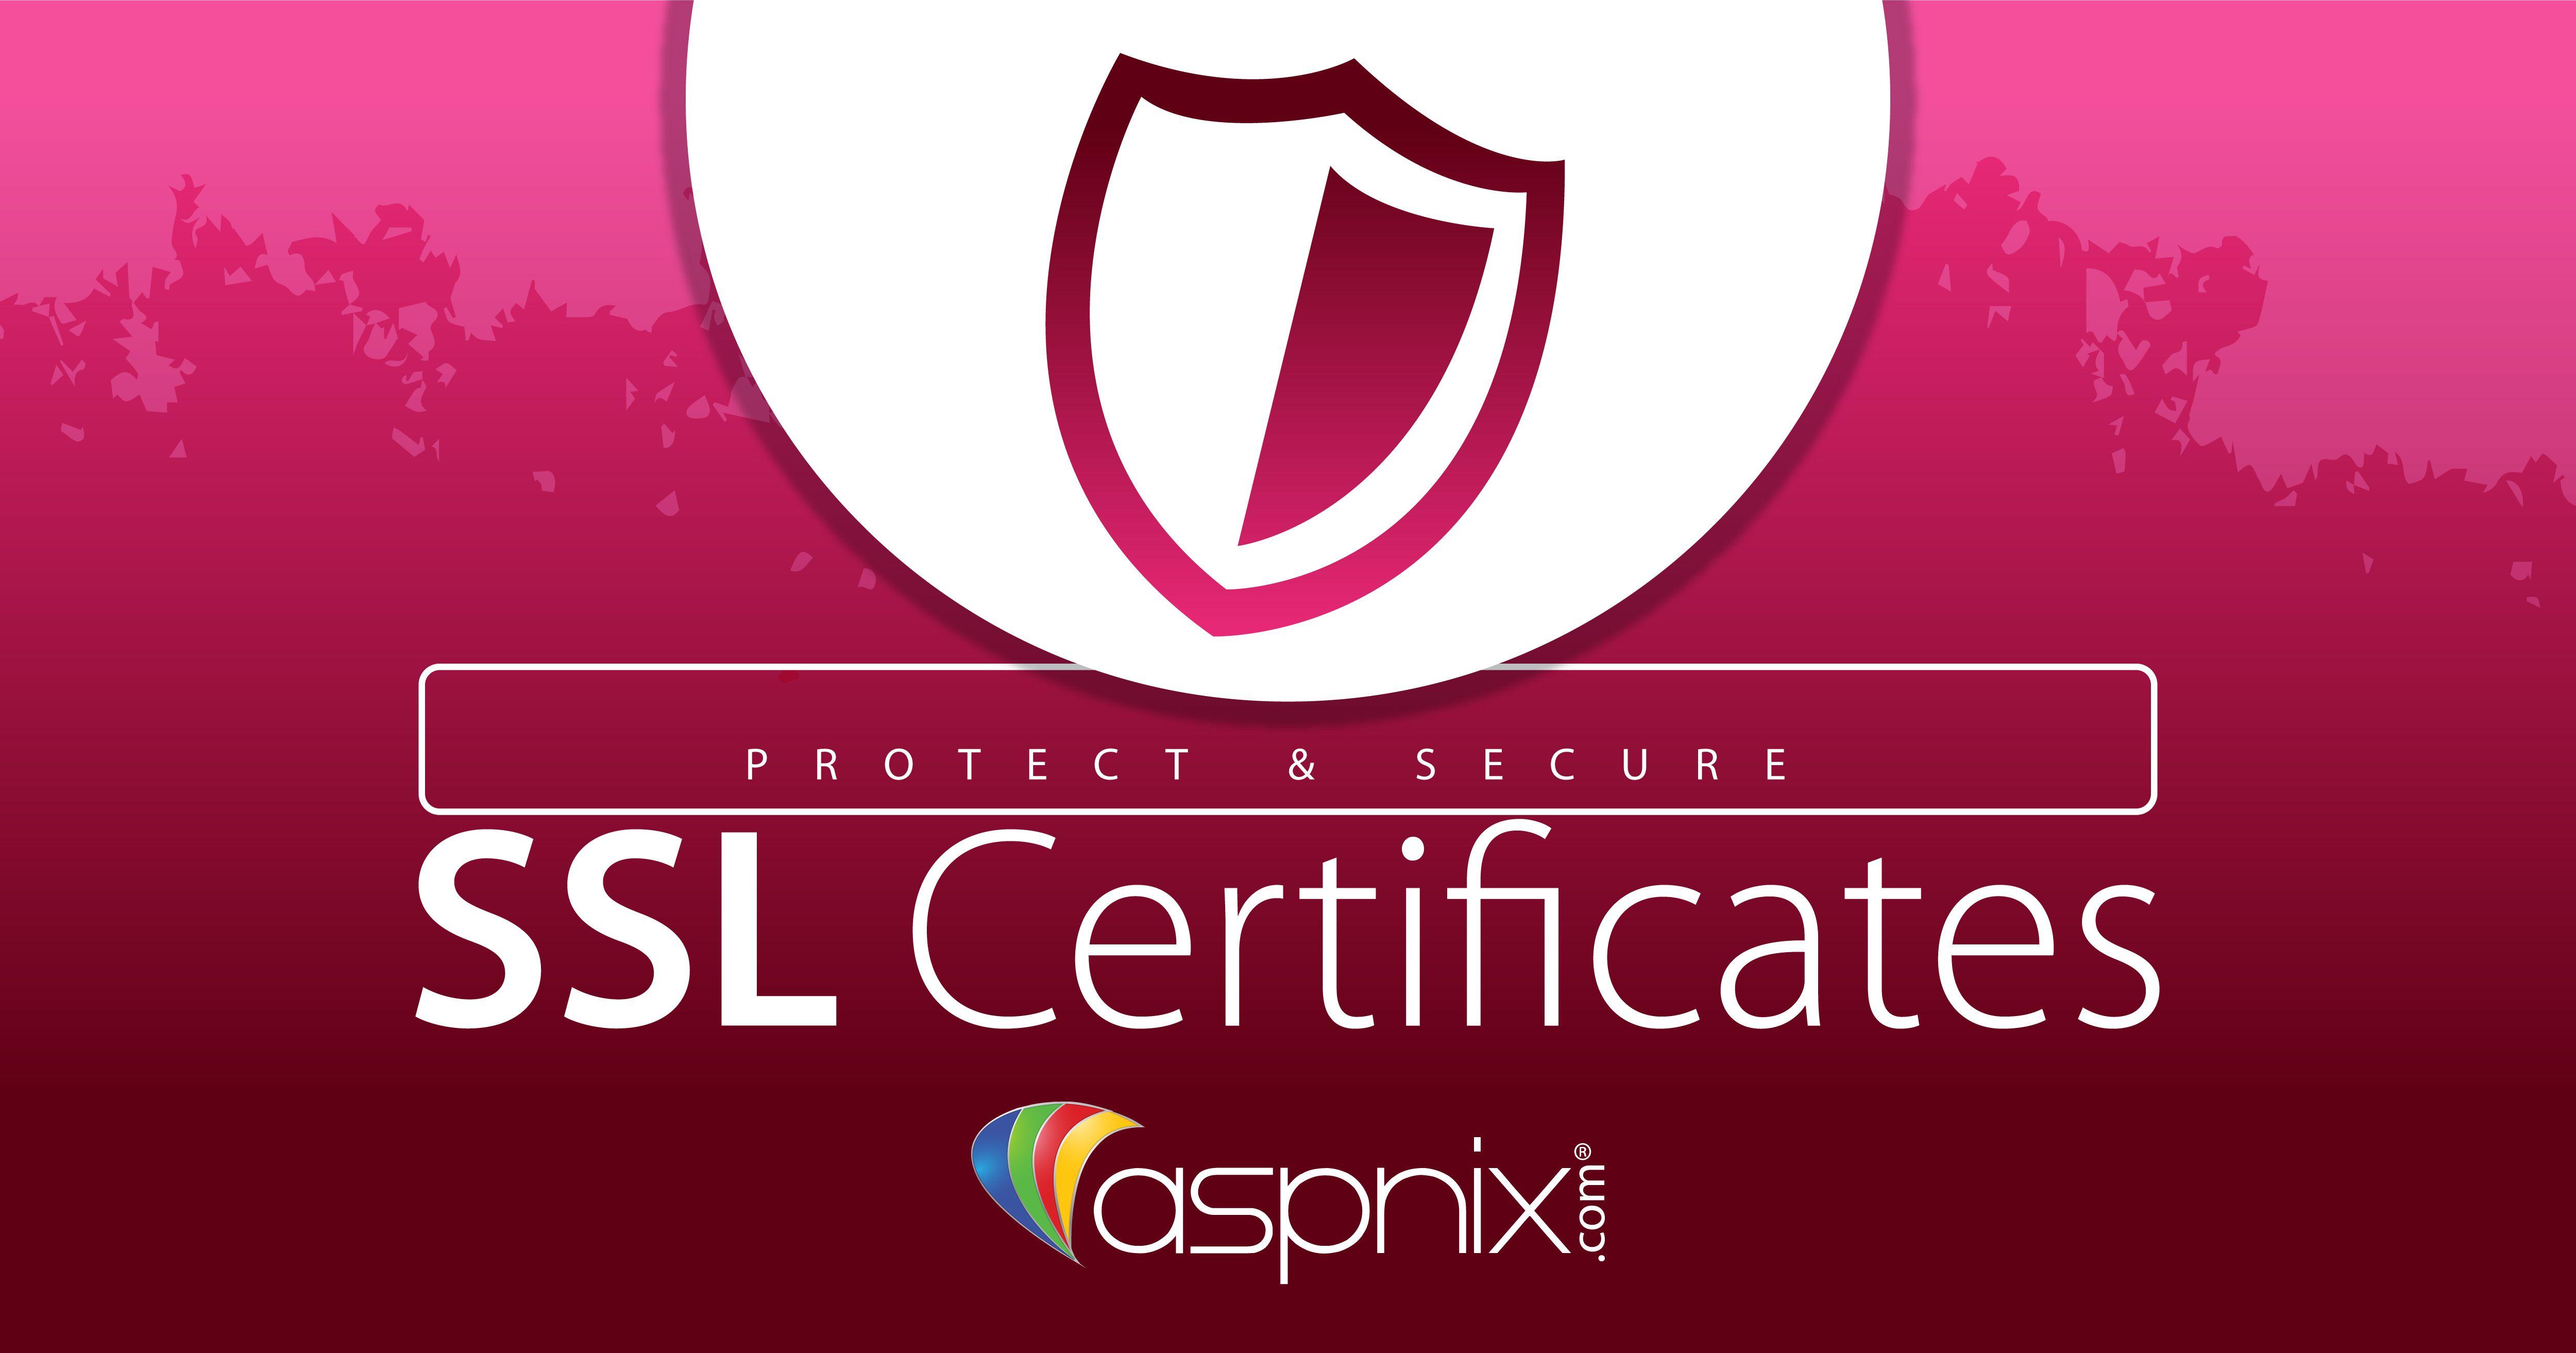 Symantec Ssl Ssl Certificate Aspnix